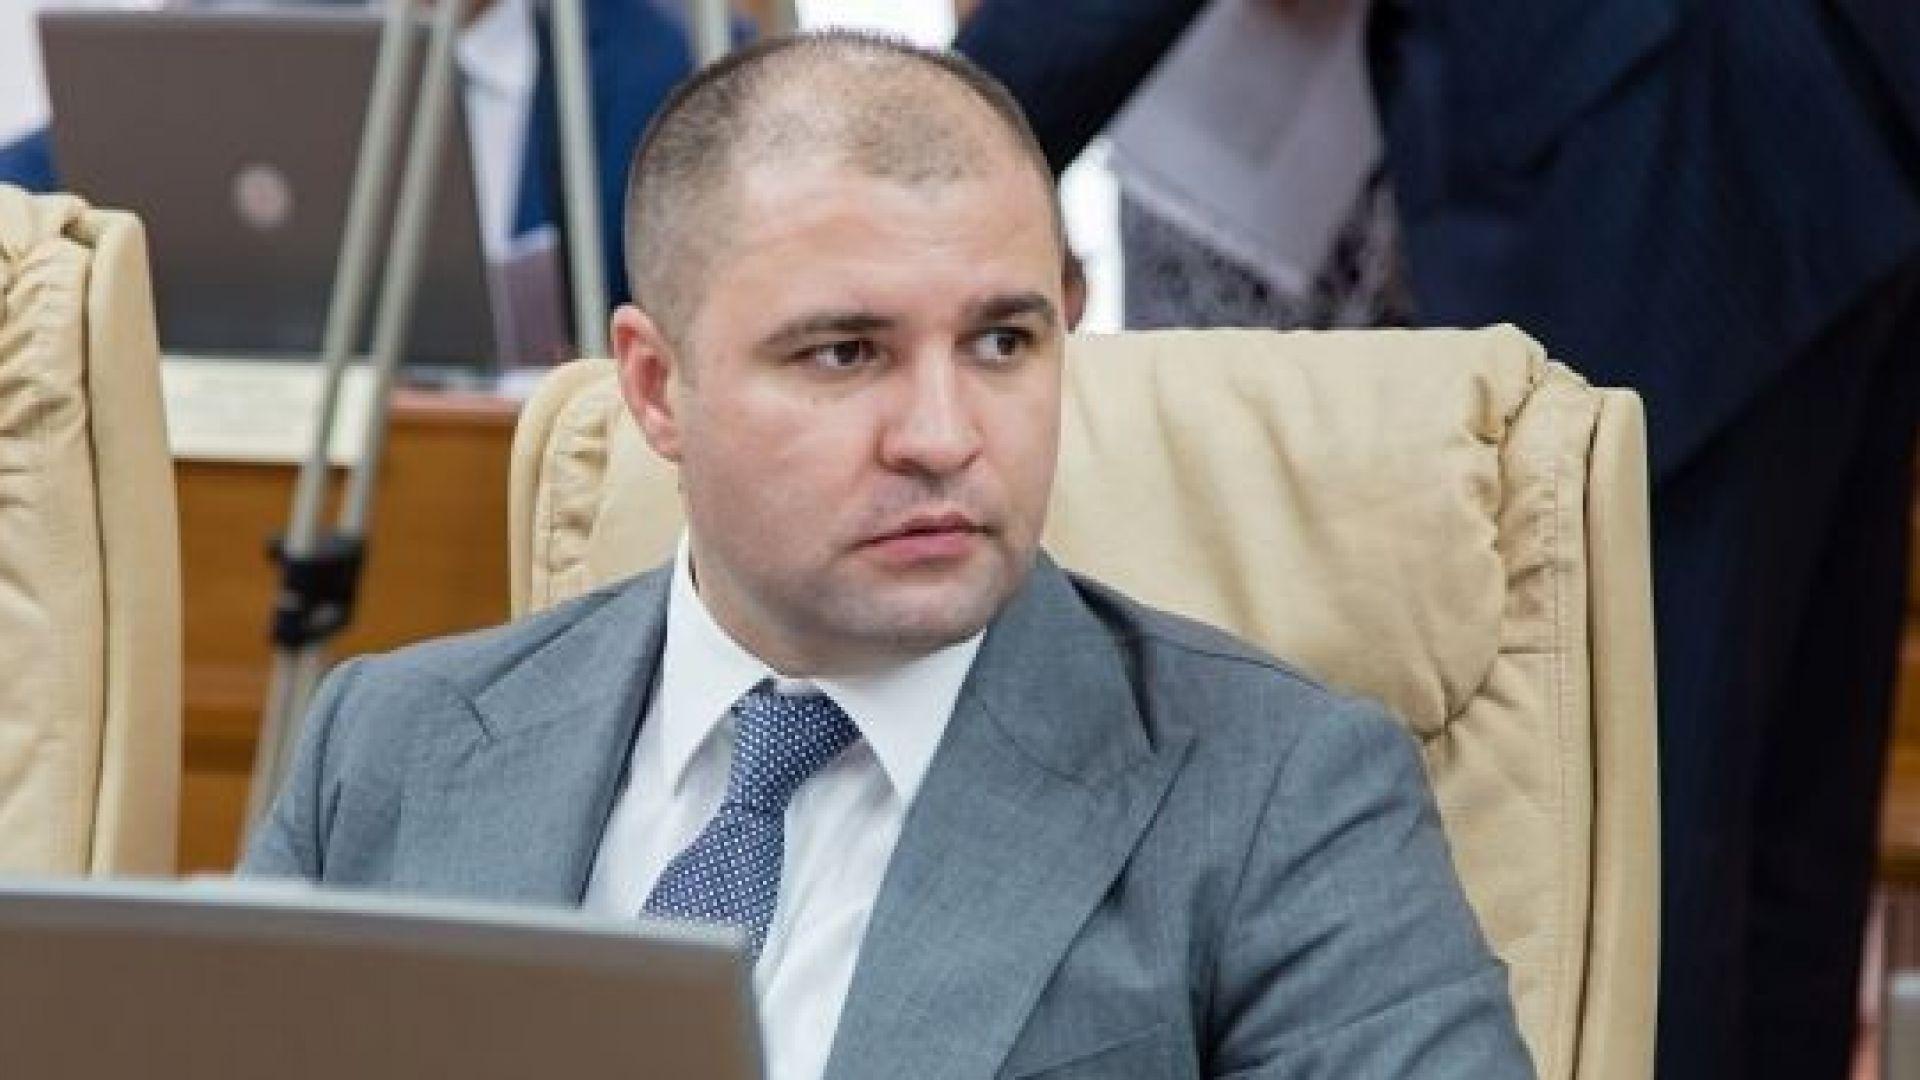 Развръзка в Молдова - бившата управляваща партия сдаде властта